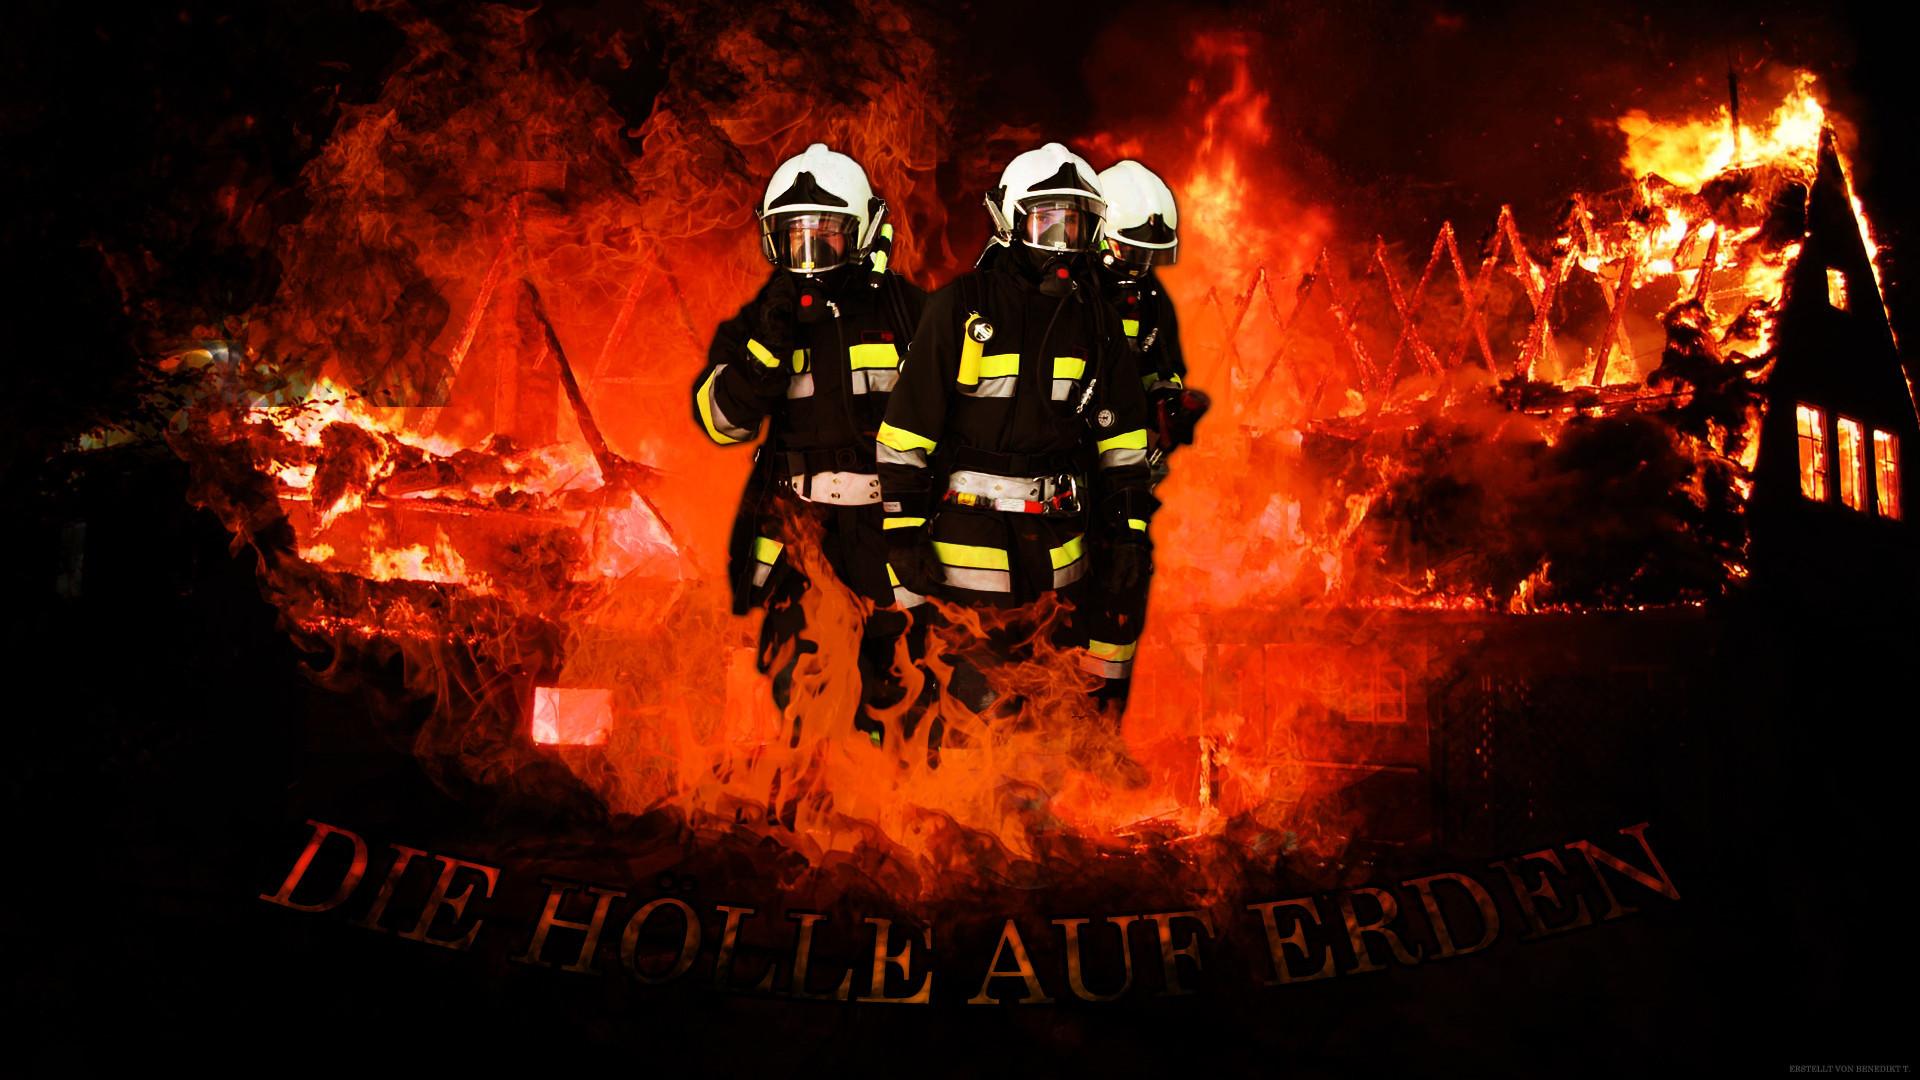 Res: 1920x1080,  Firefighter Germany - Wallpaper (Feuerwehr) by DeNite93 on  DeviantArt